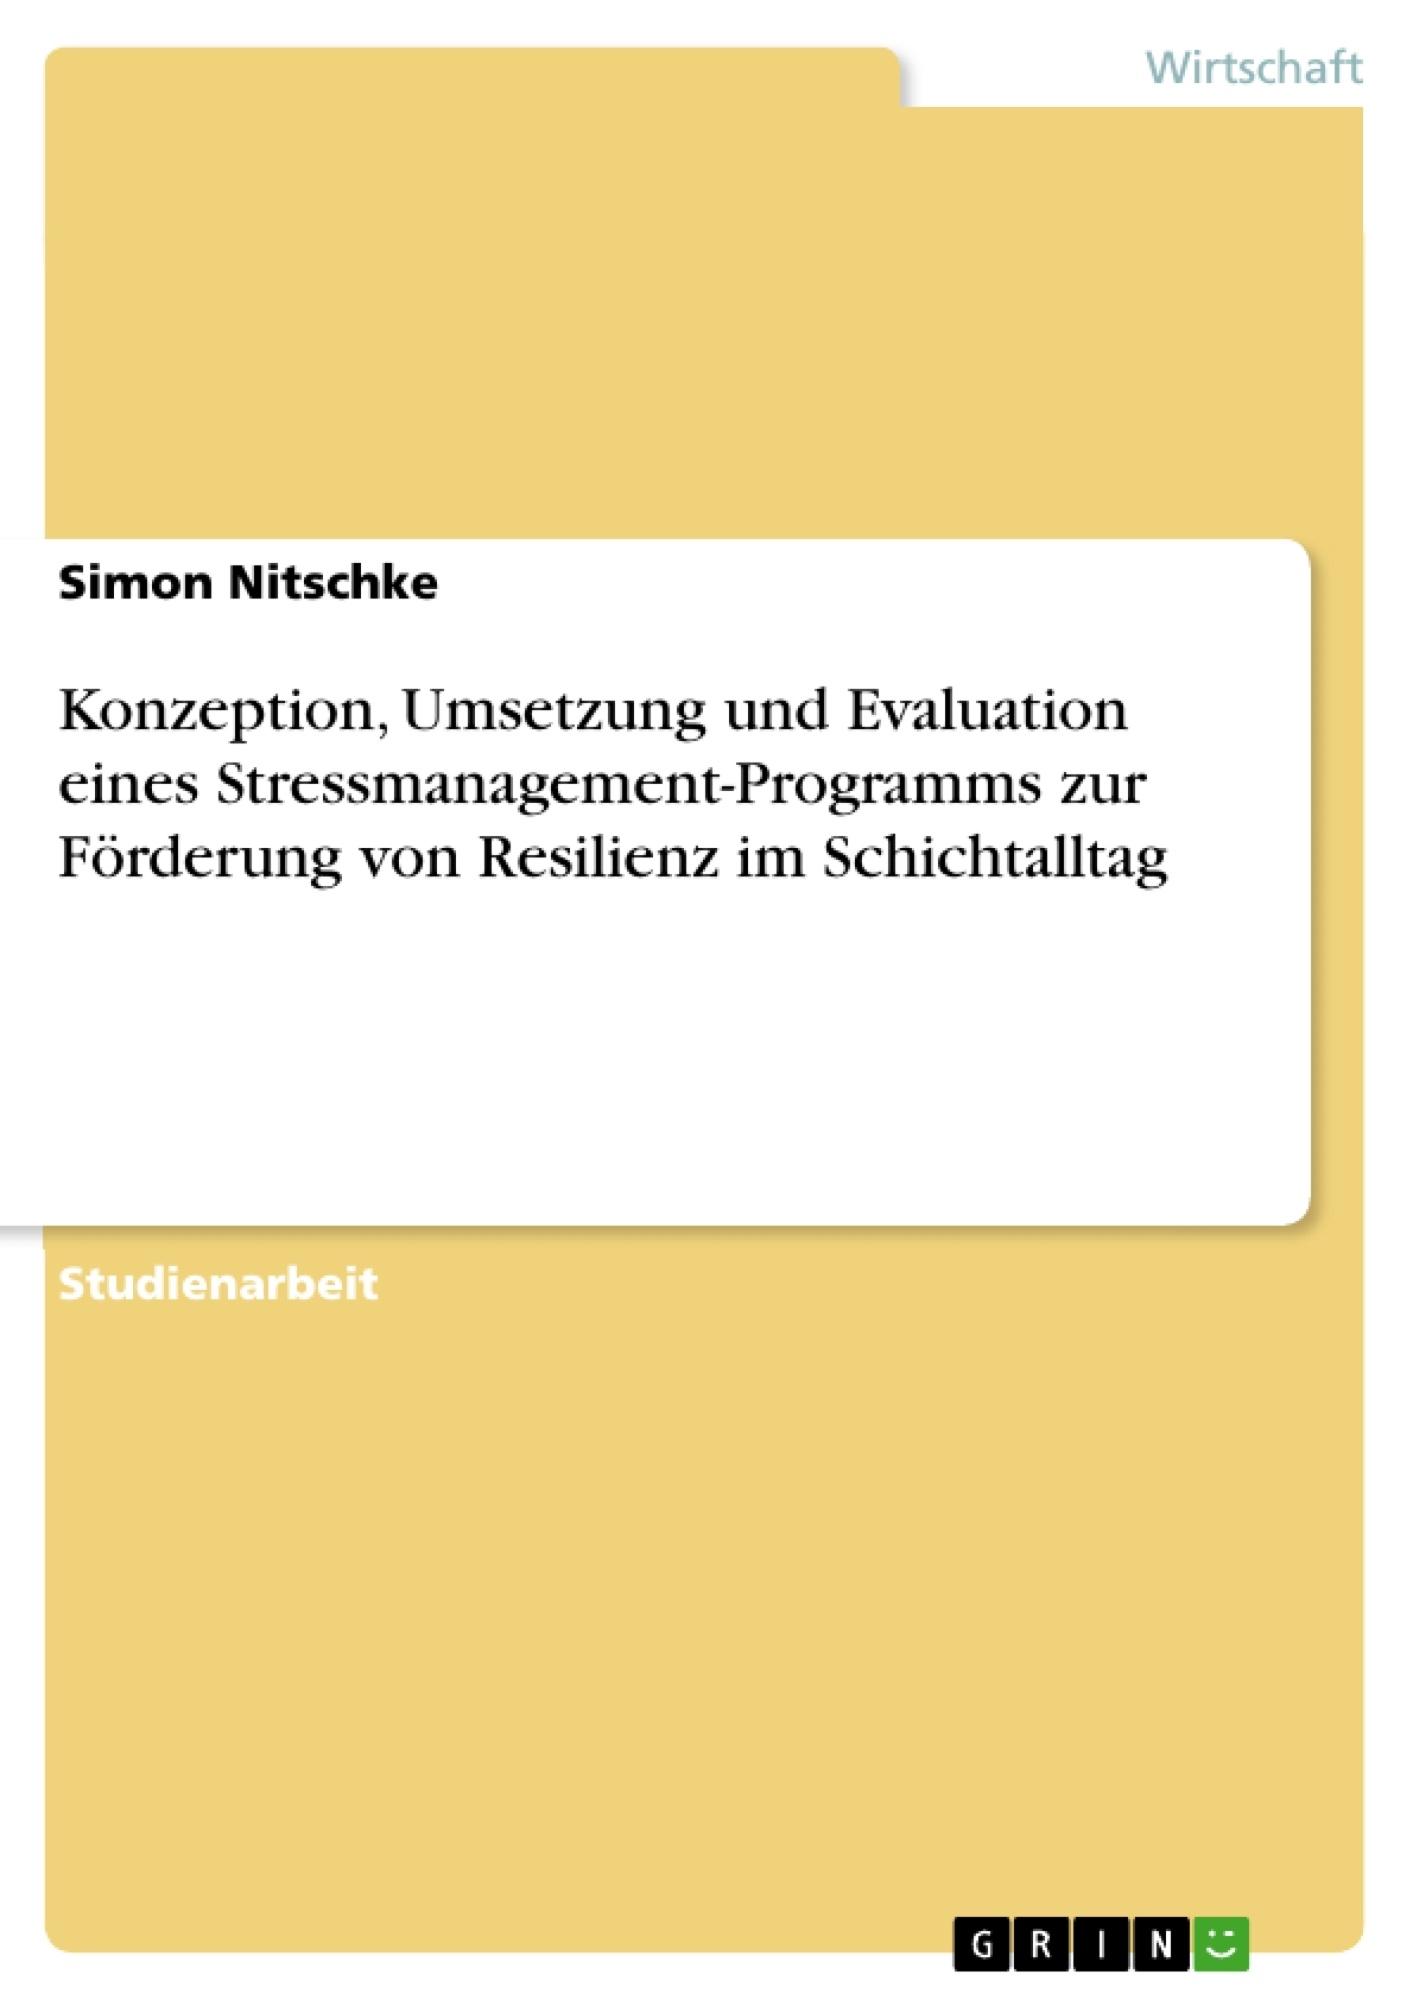 Titel: Konzeption, Umsetzung und Evaluation eines Stressmanagement-Programms zur Förderung von Resilienz im Schichtalltag